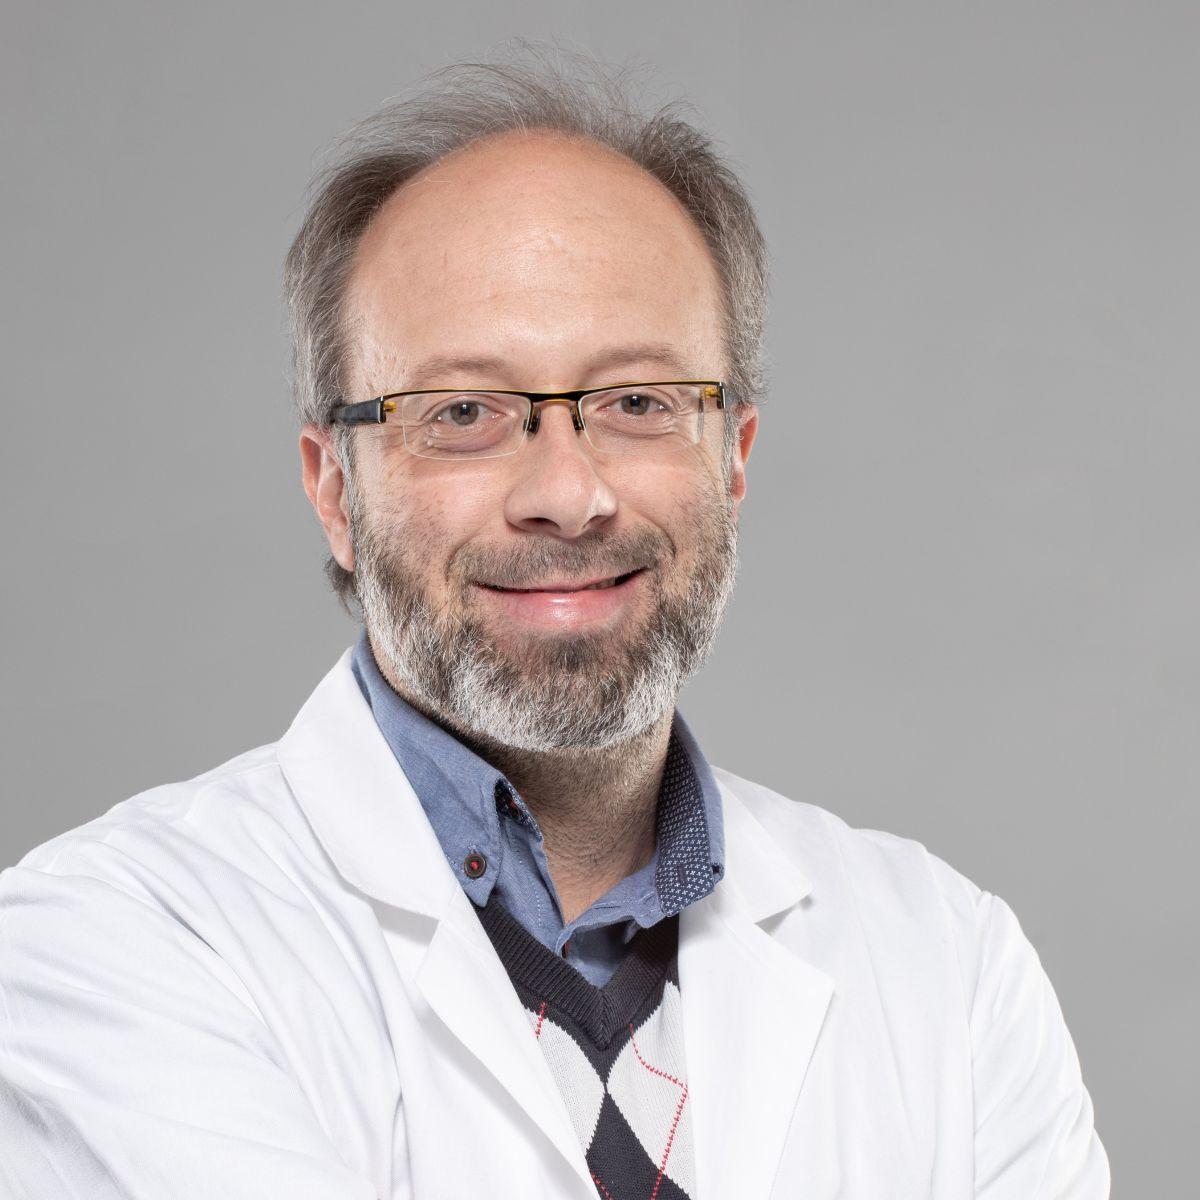 MUDr. Filip Brázda